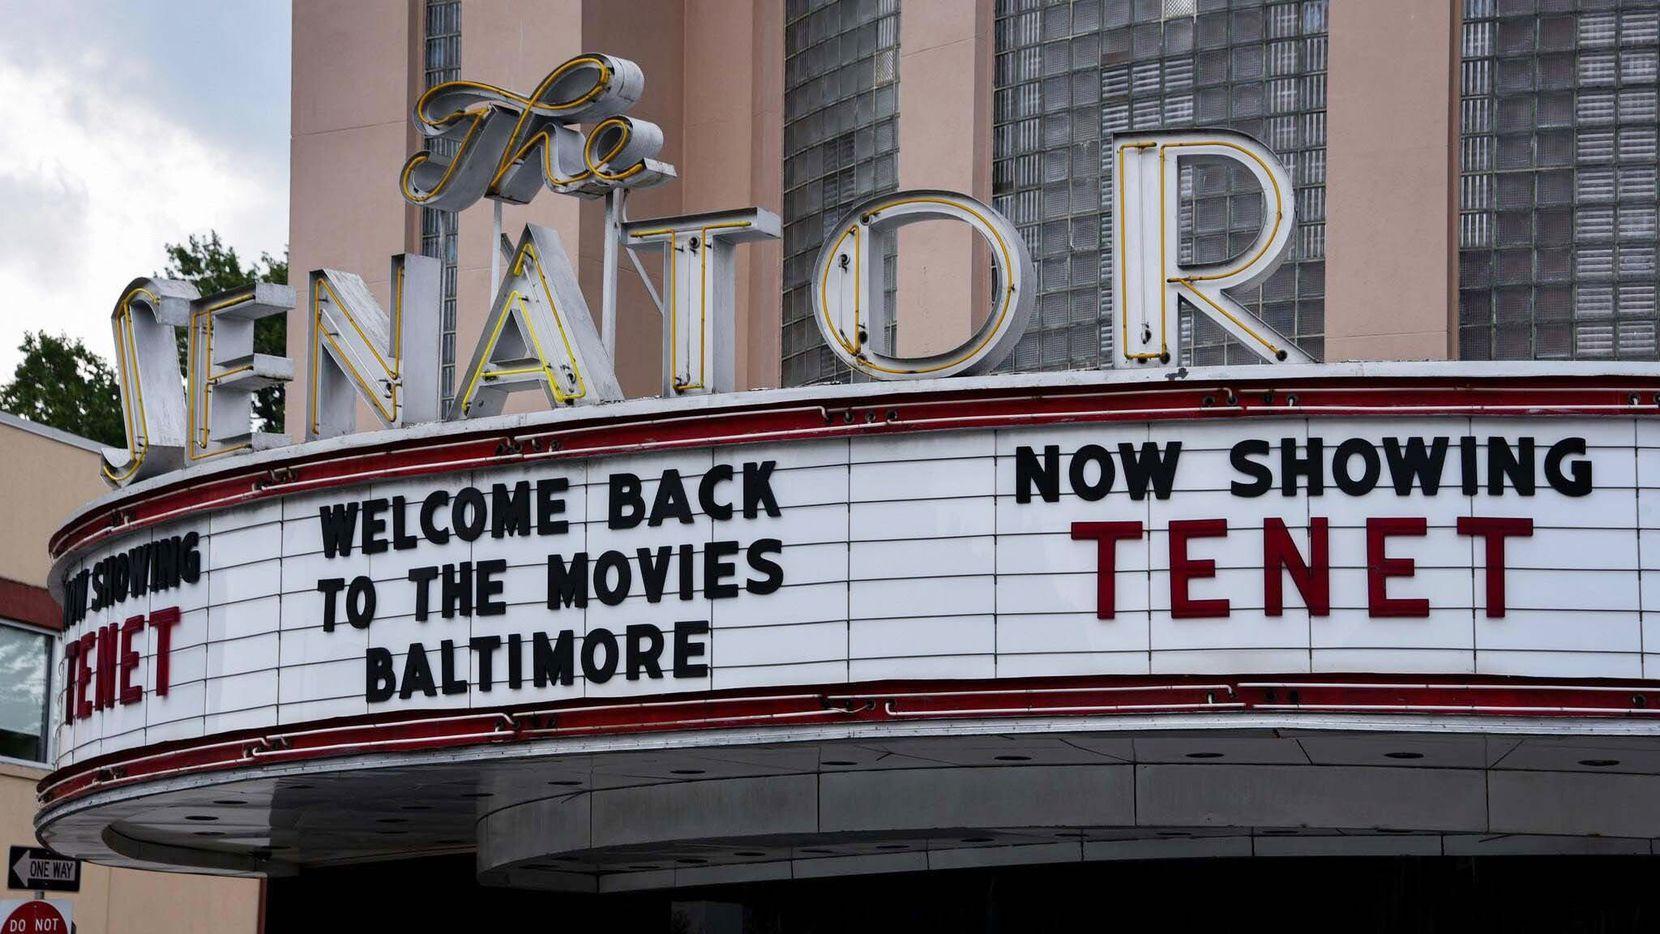 Han pasado más de dos meses desde que los cines comenzaron a reabrir en EEUU, pero aún hay bastante confusión sobre la idea de ir al cine en la era de covid-19.